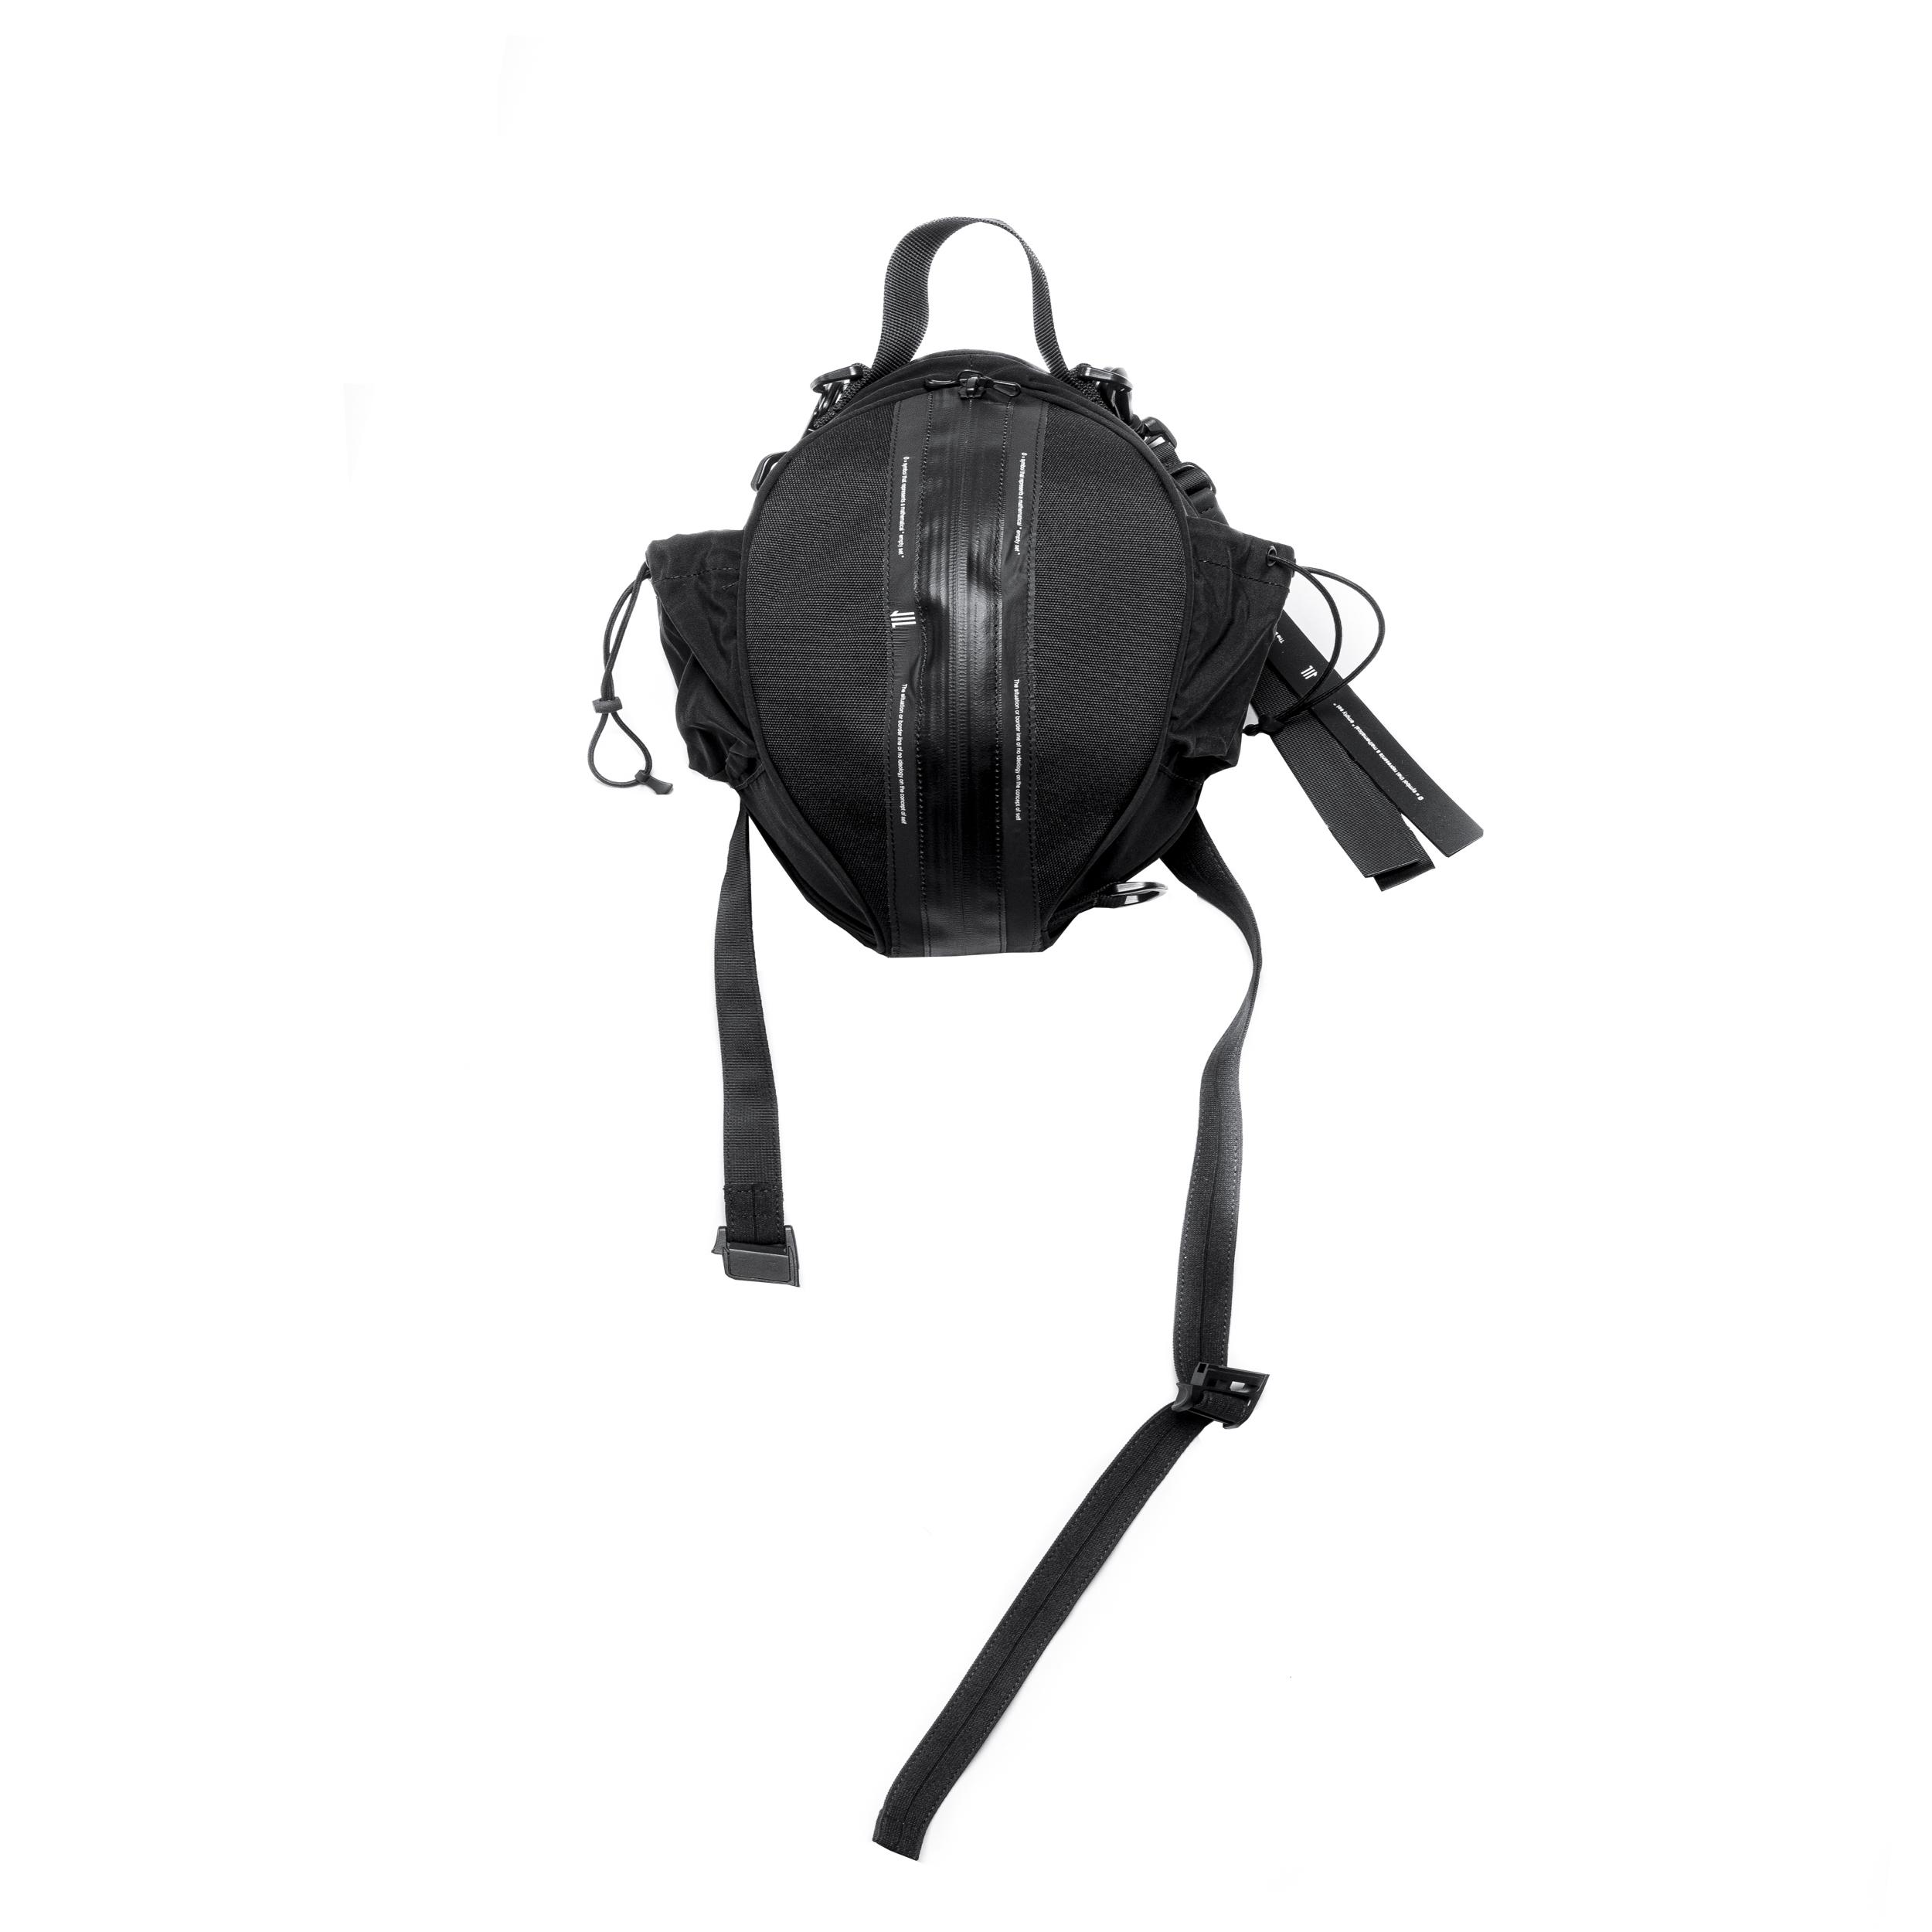 680BGU1-BLACK / ボールバッグ